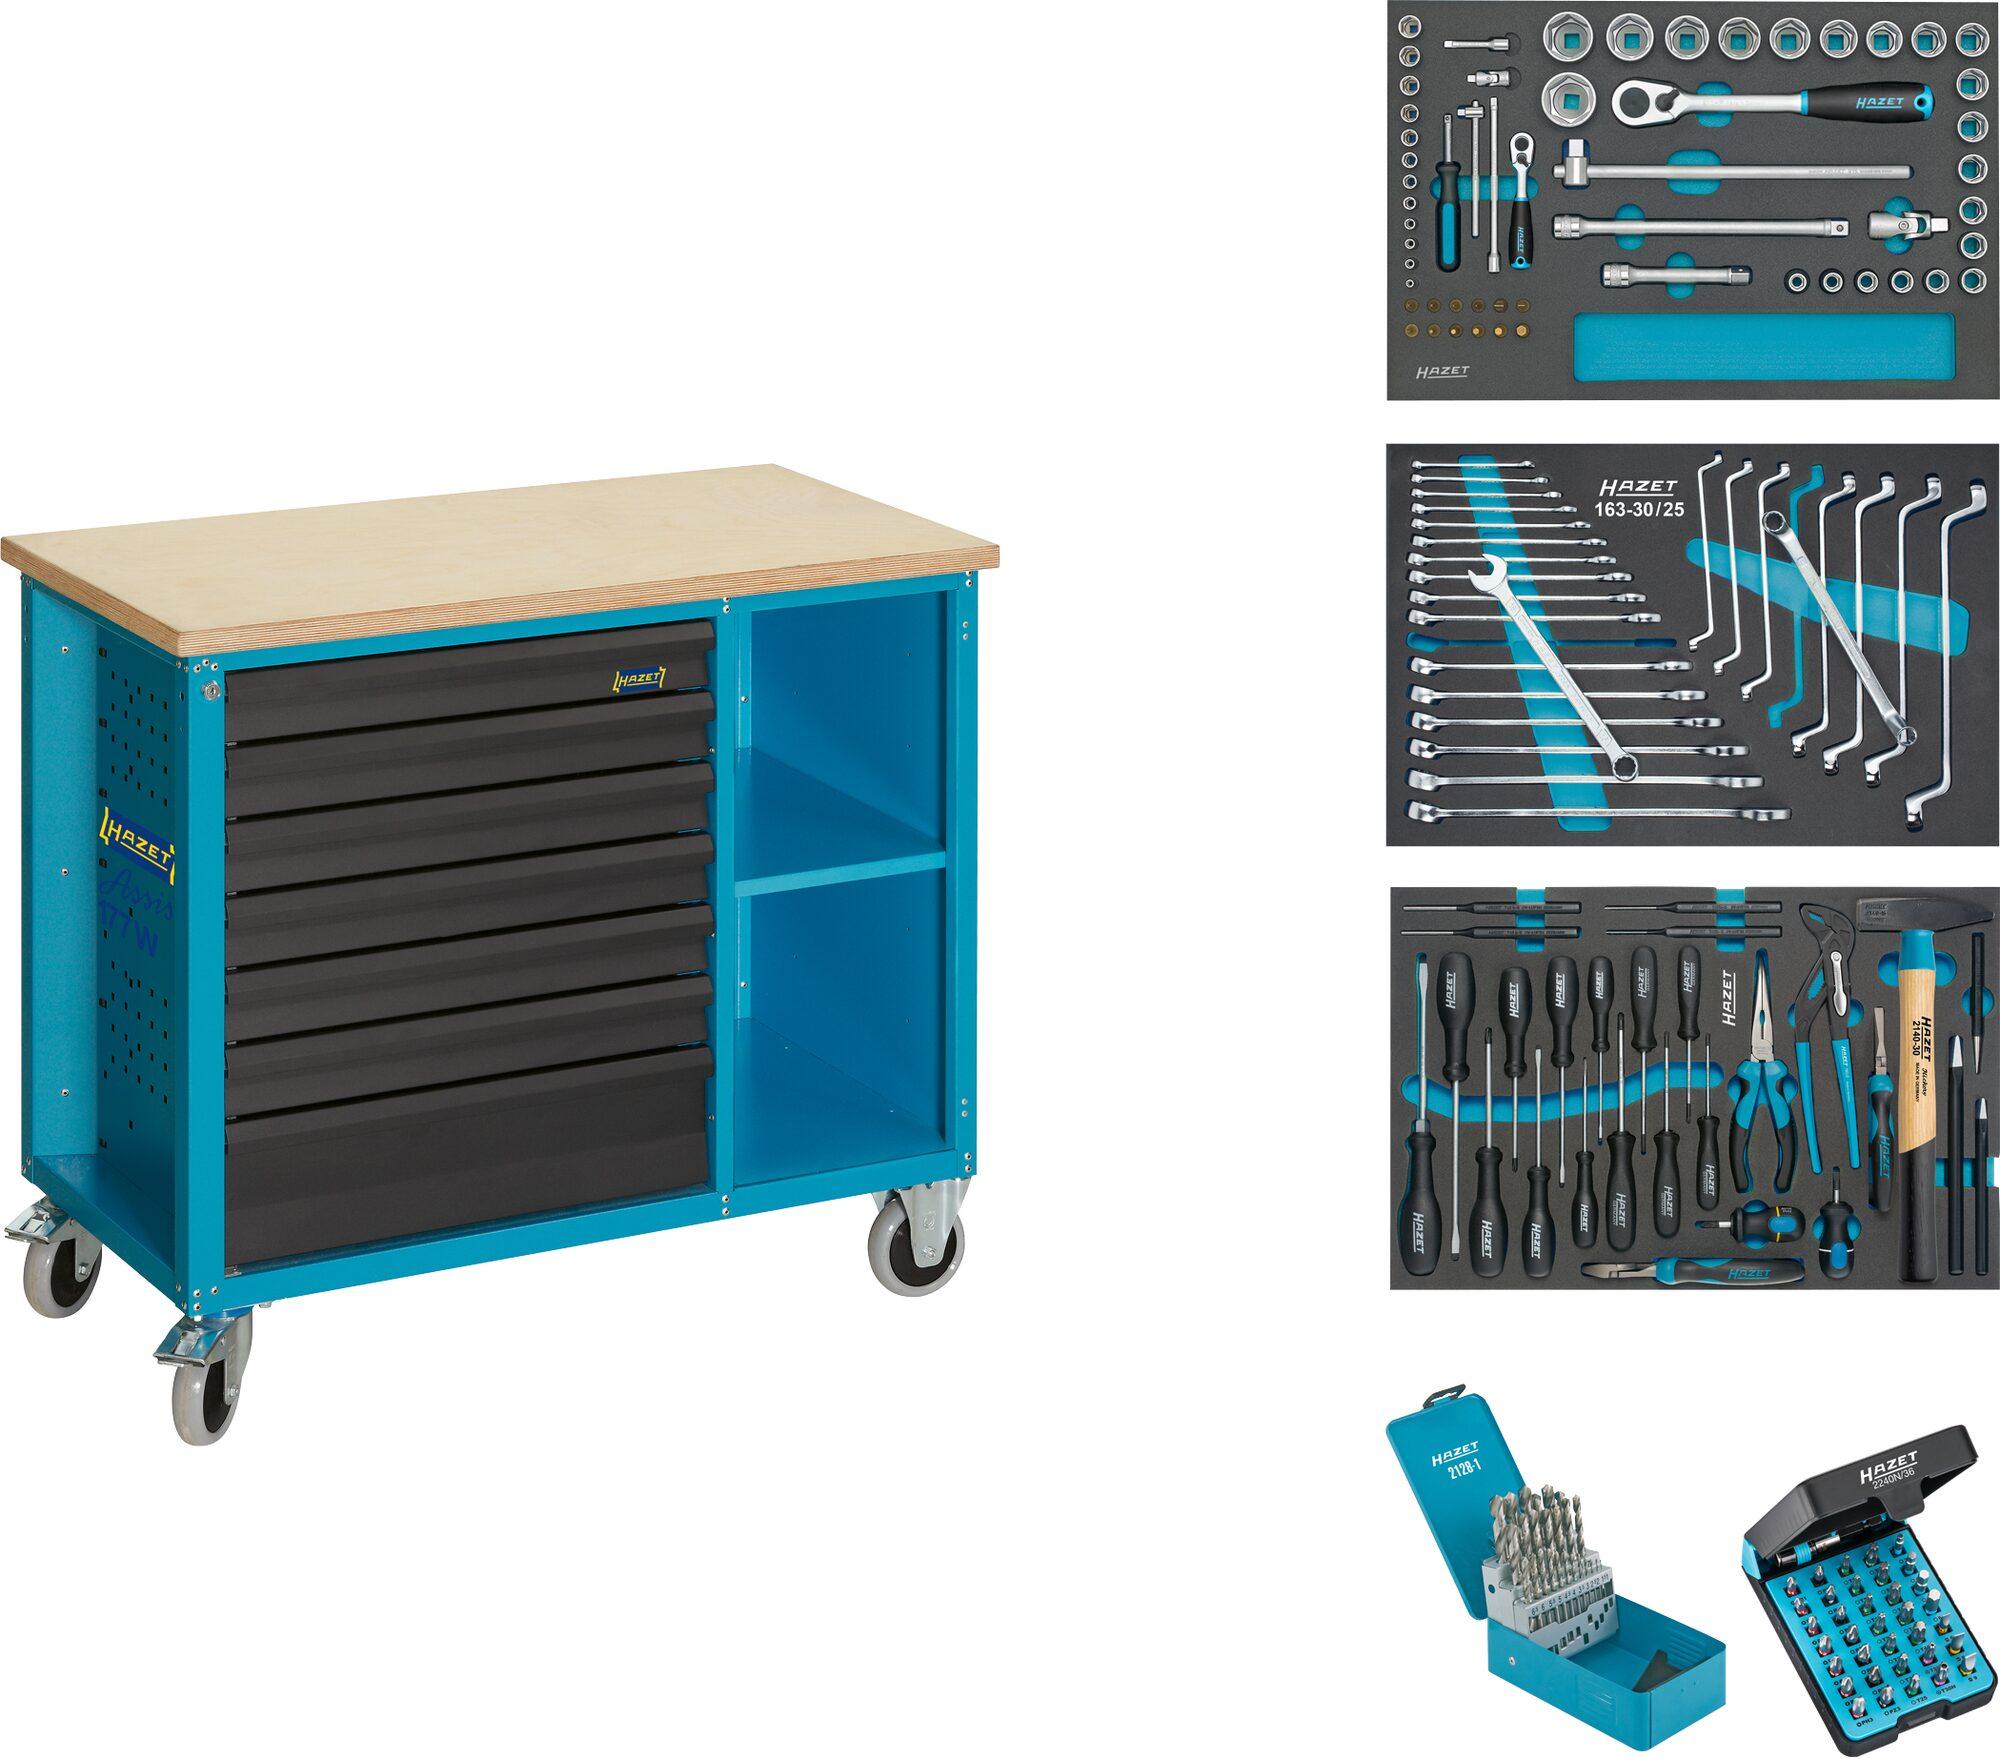 HAZET Fahrbare Werkbank ∙ mit Sortiment 177W-7/169 ∙ Schubladen, flach: 6x 79x527x348 mm